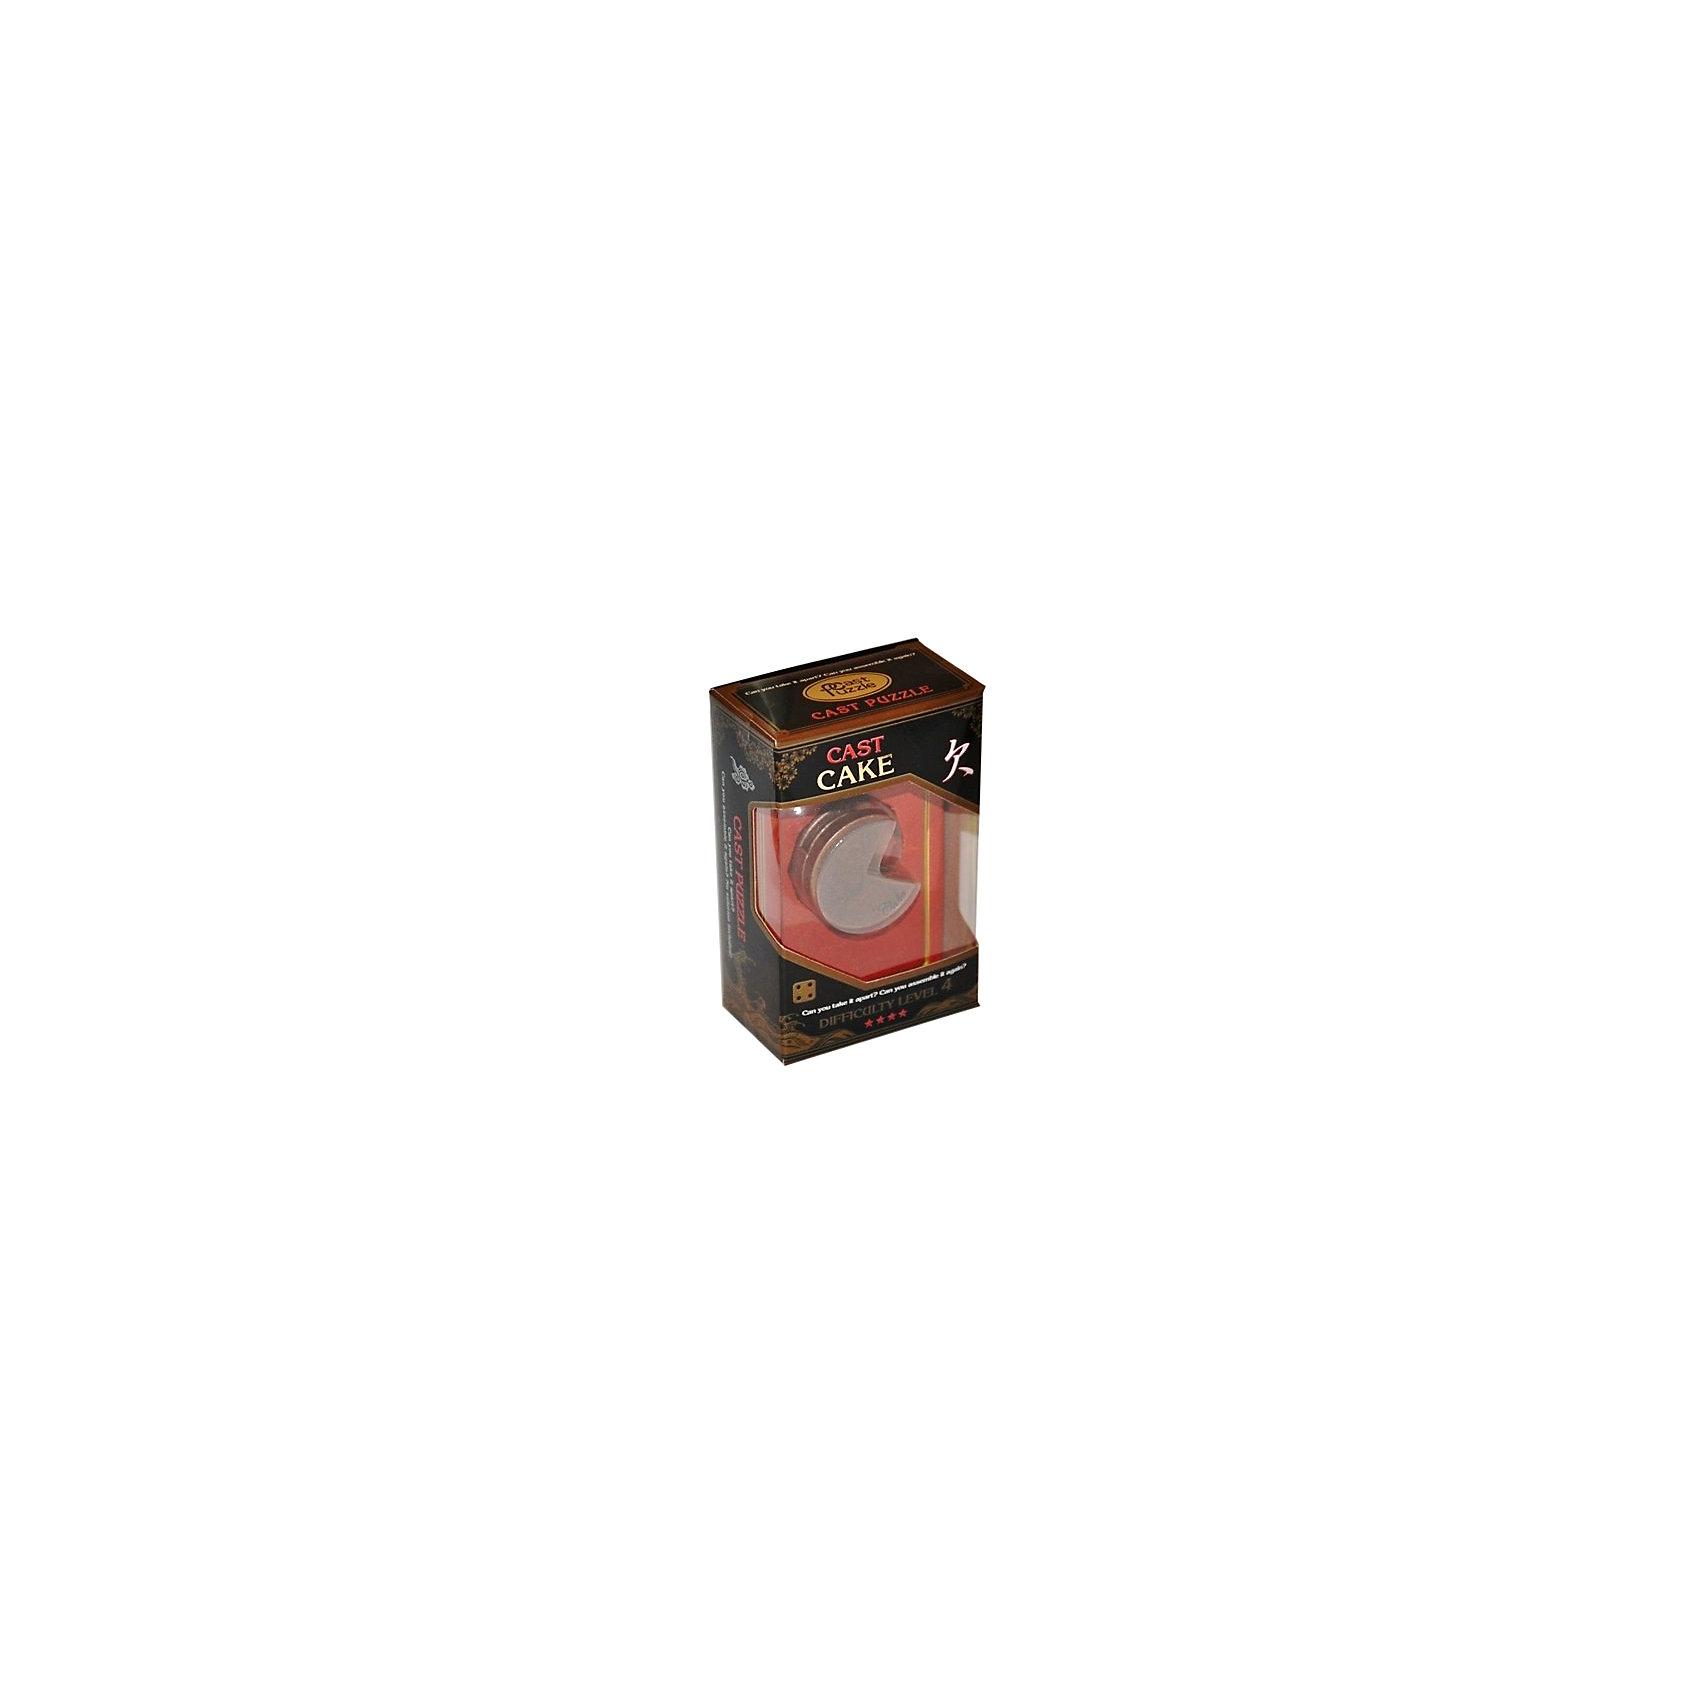 Головоломка Кекс, Hanayama Cast PuzzleЖелезные головоломки<br>Характеристики:<br><br>• возраст: от 8 лет;<br>• уровень сложности: 4;<br>• материал: металл;<br>• размер головоломки: 4х4х3 см;<br>• размер упаковки: 11,5х7,5х4,5 см;<br>• вес: 120 г;<br>• тип упаковки: коробка с окошком.<br><br>Необычная головоломка похожа на пирог. Четверть этого пирога срезана и показывает три одинаковых слоя внутри. Решение кажется простым, но это только на первый взгляд. Головоломка гениально придумана, интересна, и достаточно сложна. <br><br>Цель игры -  разделить на 4 части головоломку, а затем соединить их обратно в исходное положение. <br><br>Головоломка - это прекрасный инструмент для ума, вырабатывающий неординарное видение. Увлекательное занятие для детей и взрослых разнообразит досуг. Развивающие занятия стимулируют логику, пространственное мышление и тренируют мелкую моторику.<br><br>Головоломку «Кекс», Hanayama Cast Puzzle можно приобрести в нашем интернет-магазине.<br><br>Ширина мм: 45<br>Глубина мм: 75<br>Высота мм: 120<br>Вес г: 120<br>Возраст от месяцев: 36<br>Возраст до месяцев: 2147483647<br>Пол: Унисекс<br>Возраст: Детский<br>SKU: 7025984